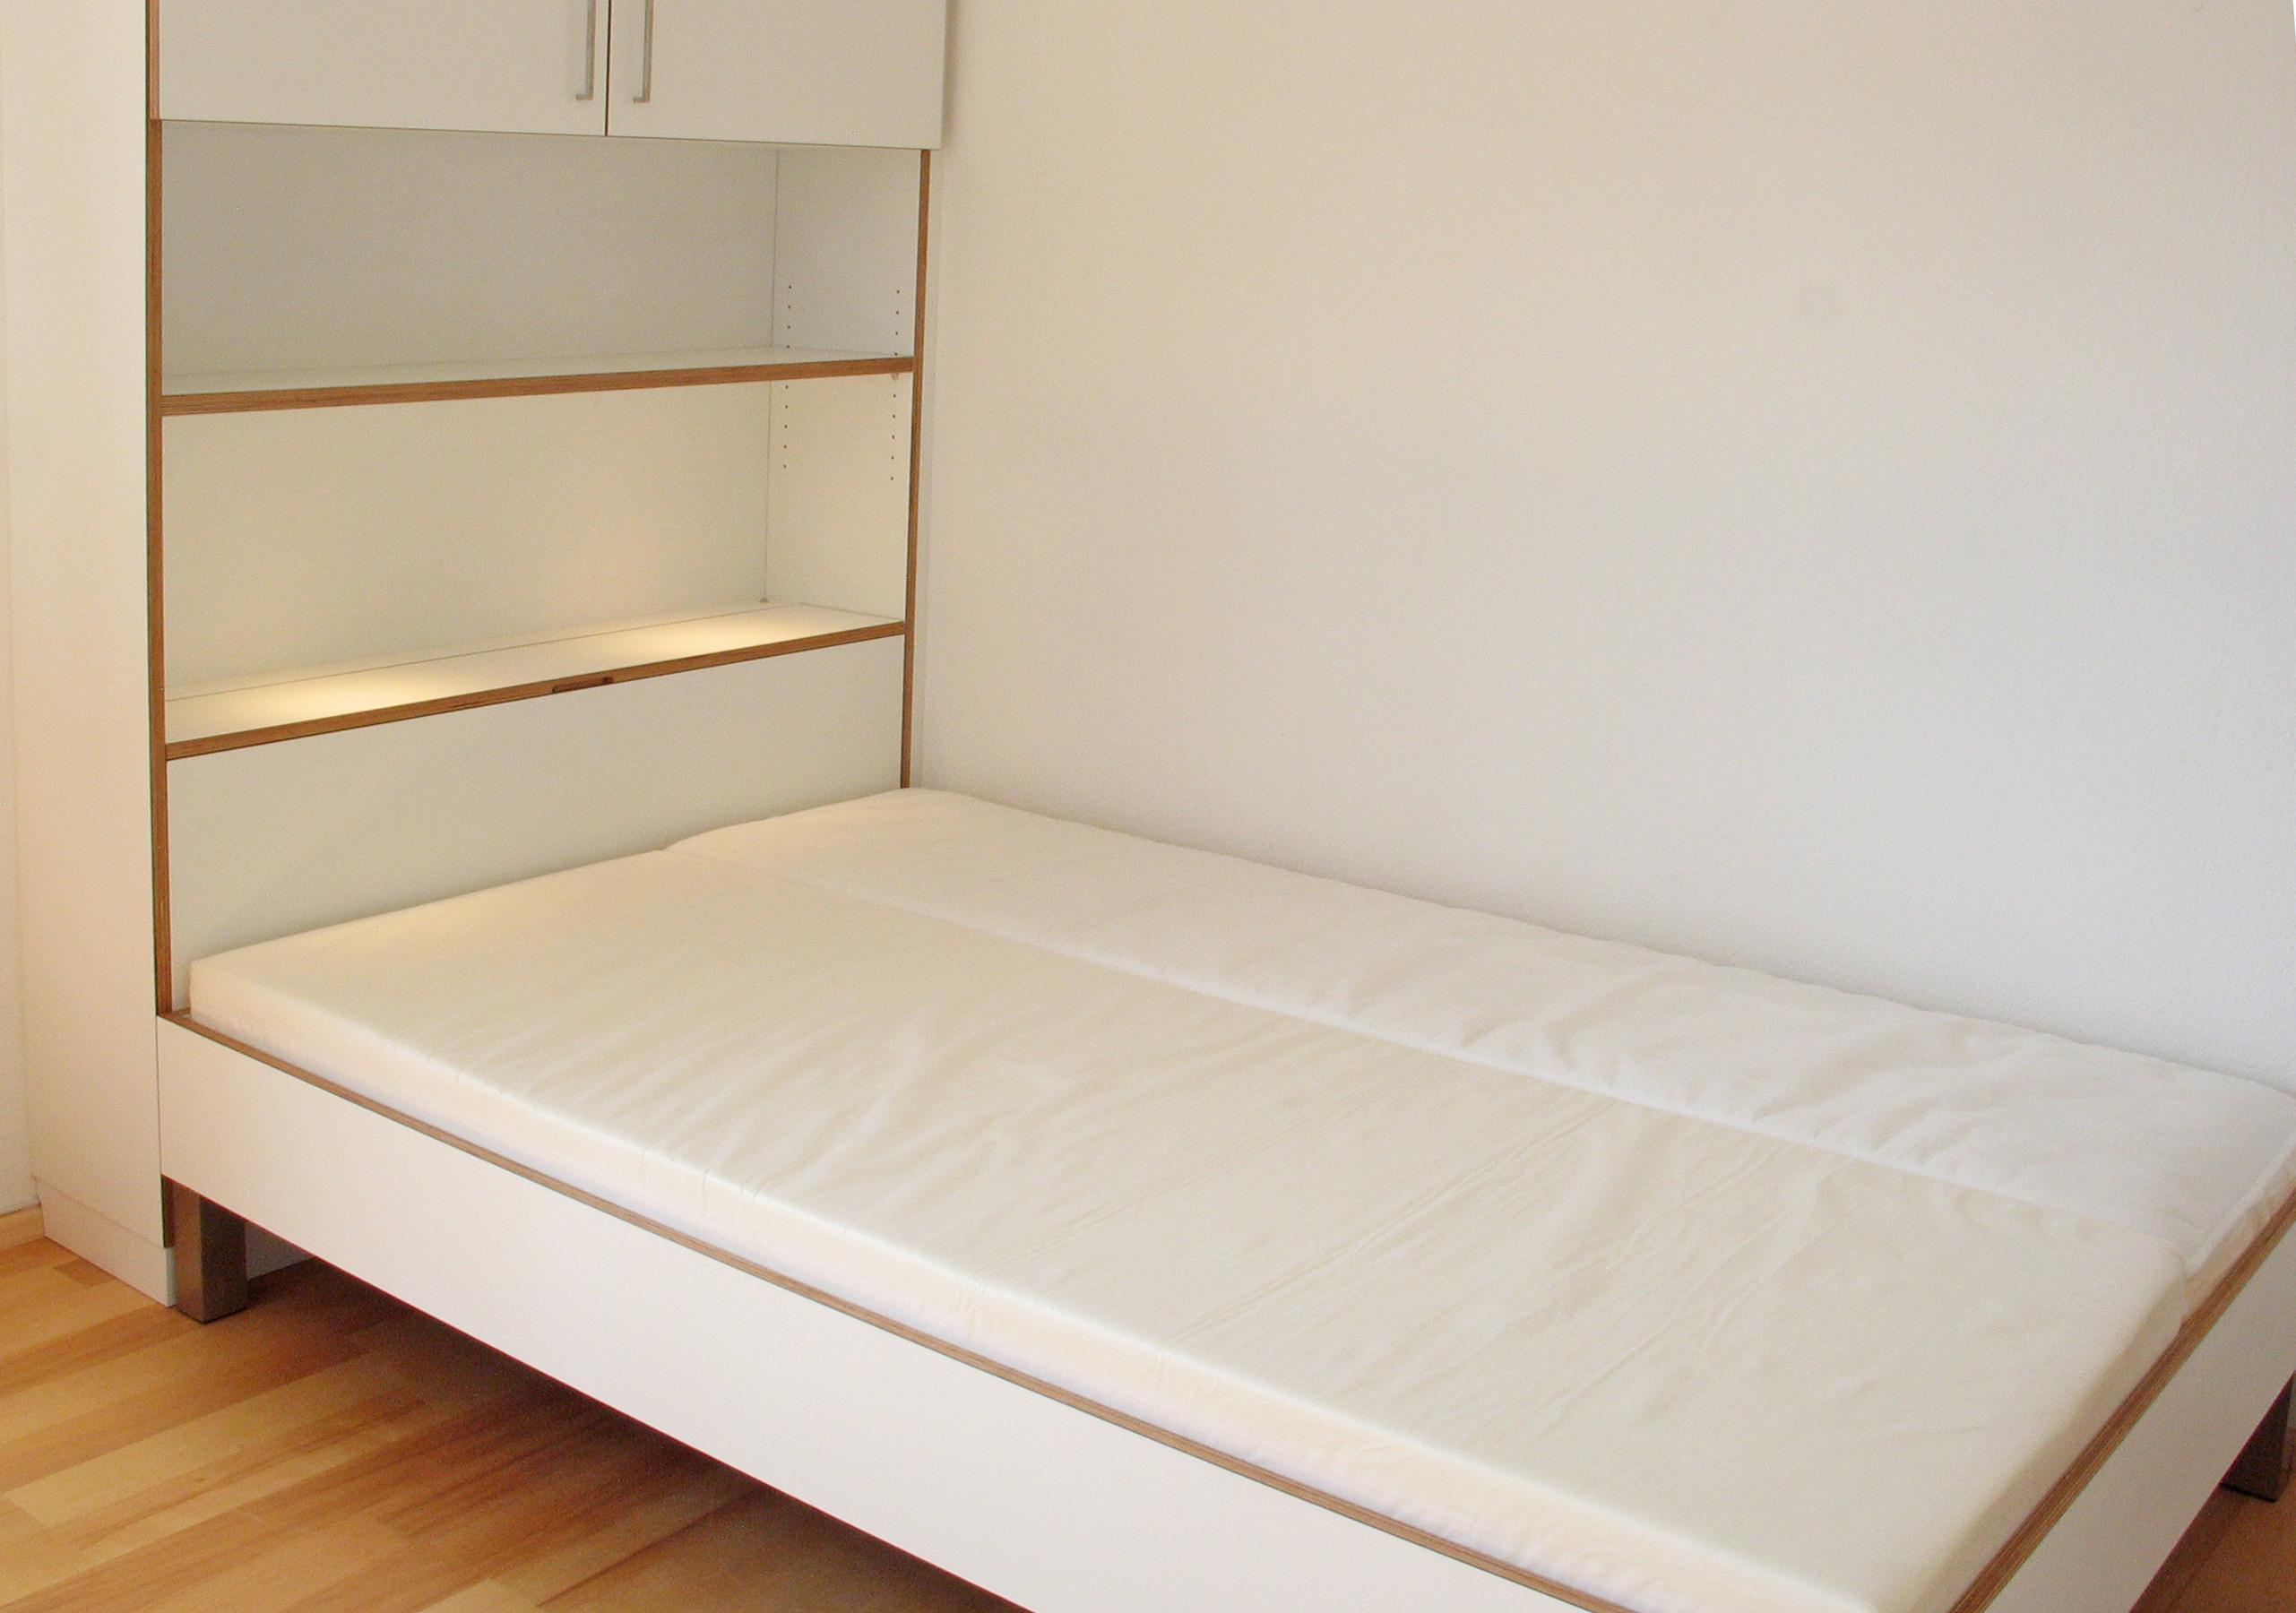 Jugendzimmer Bett mitettkasten in Multiplex weiß